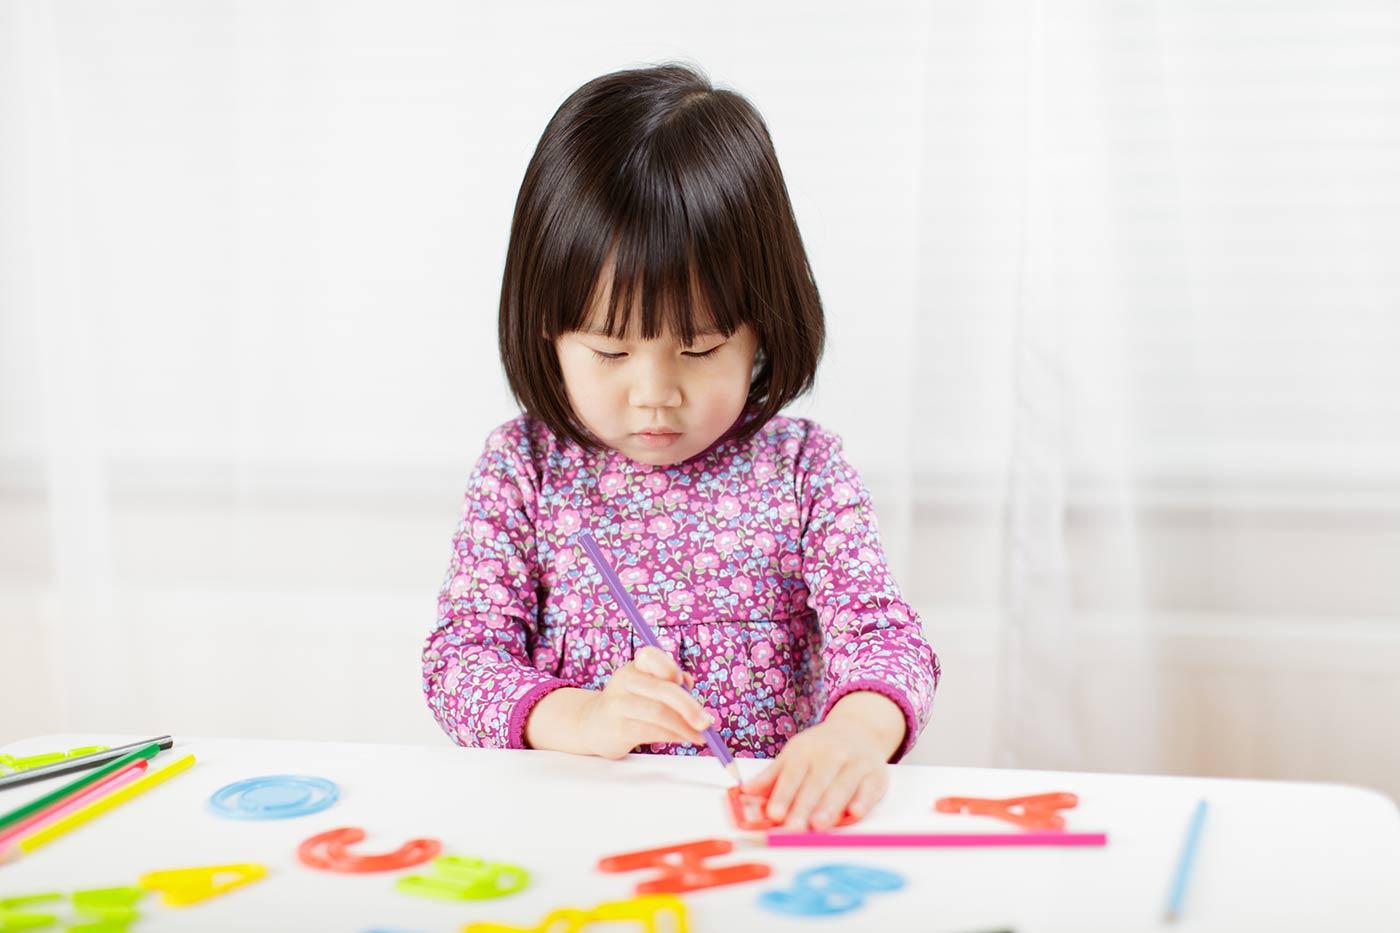 Toddler practicing writing